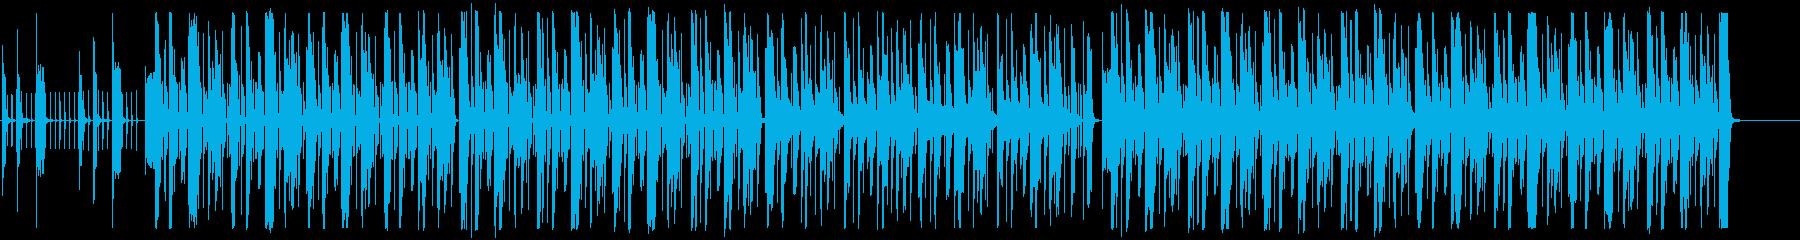 最先端でおしゃれなデザインに合うBGMの再生済みの波形